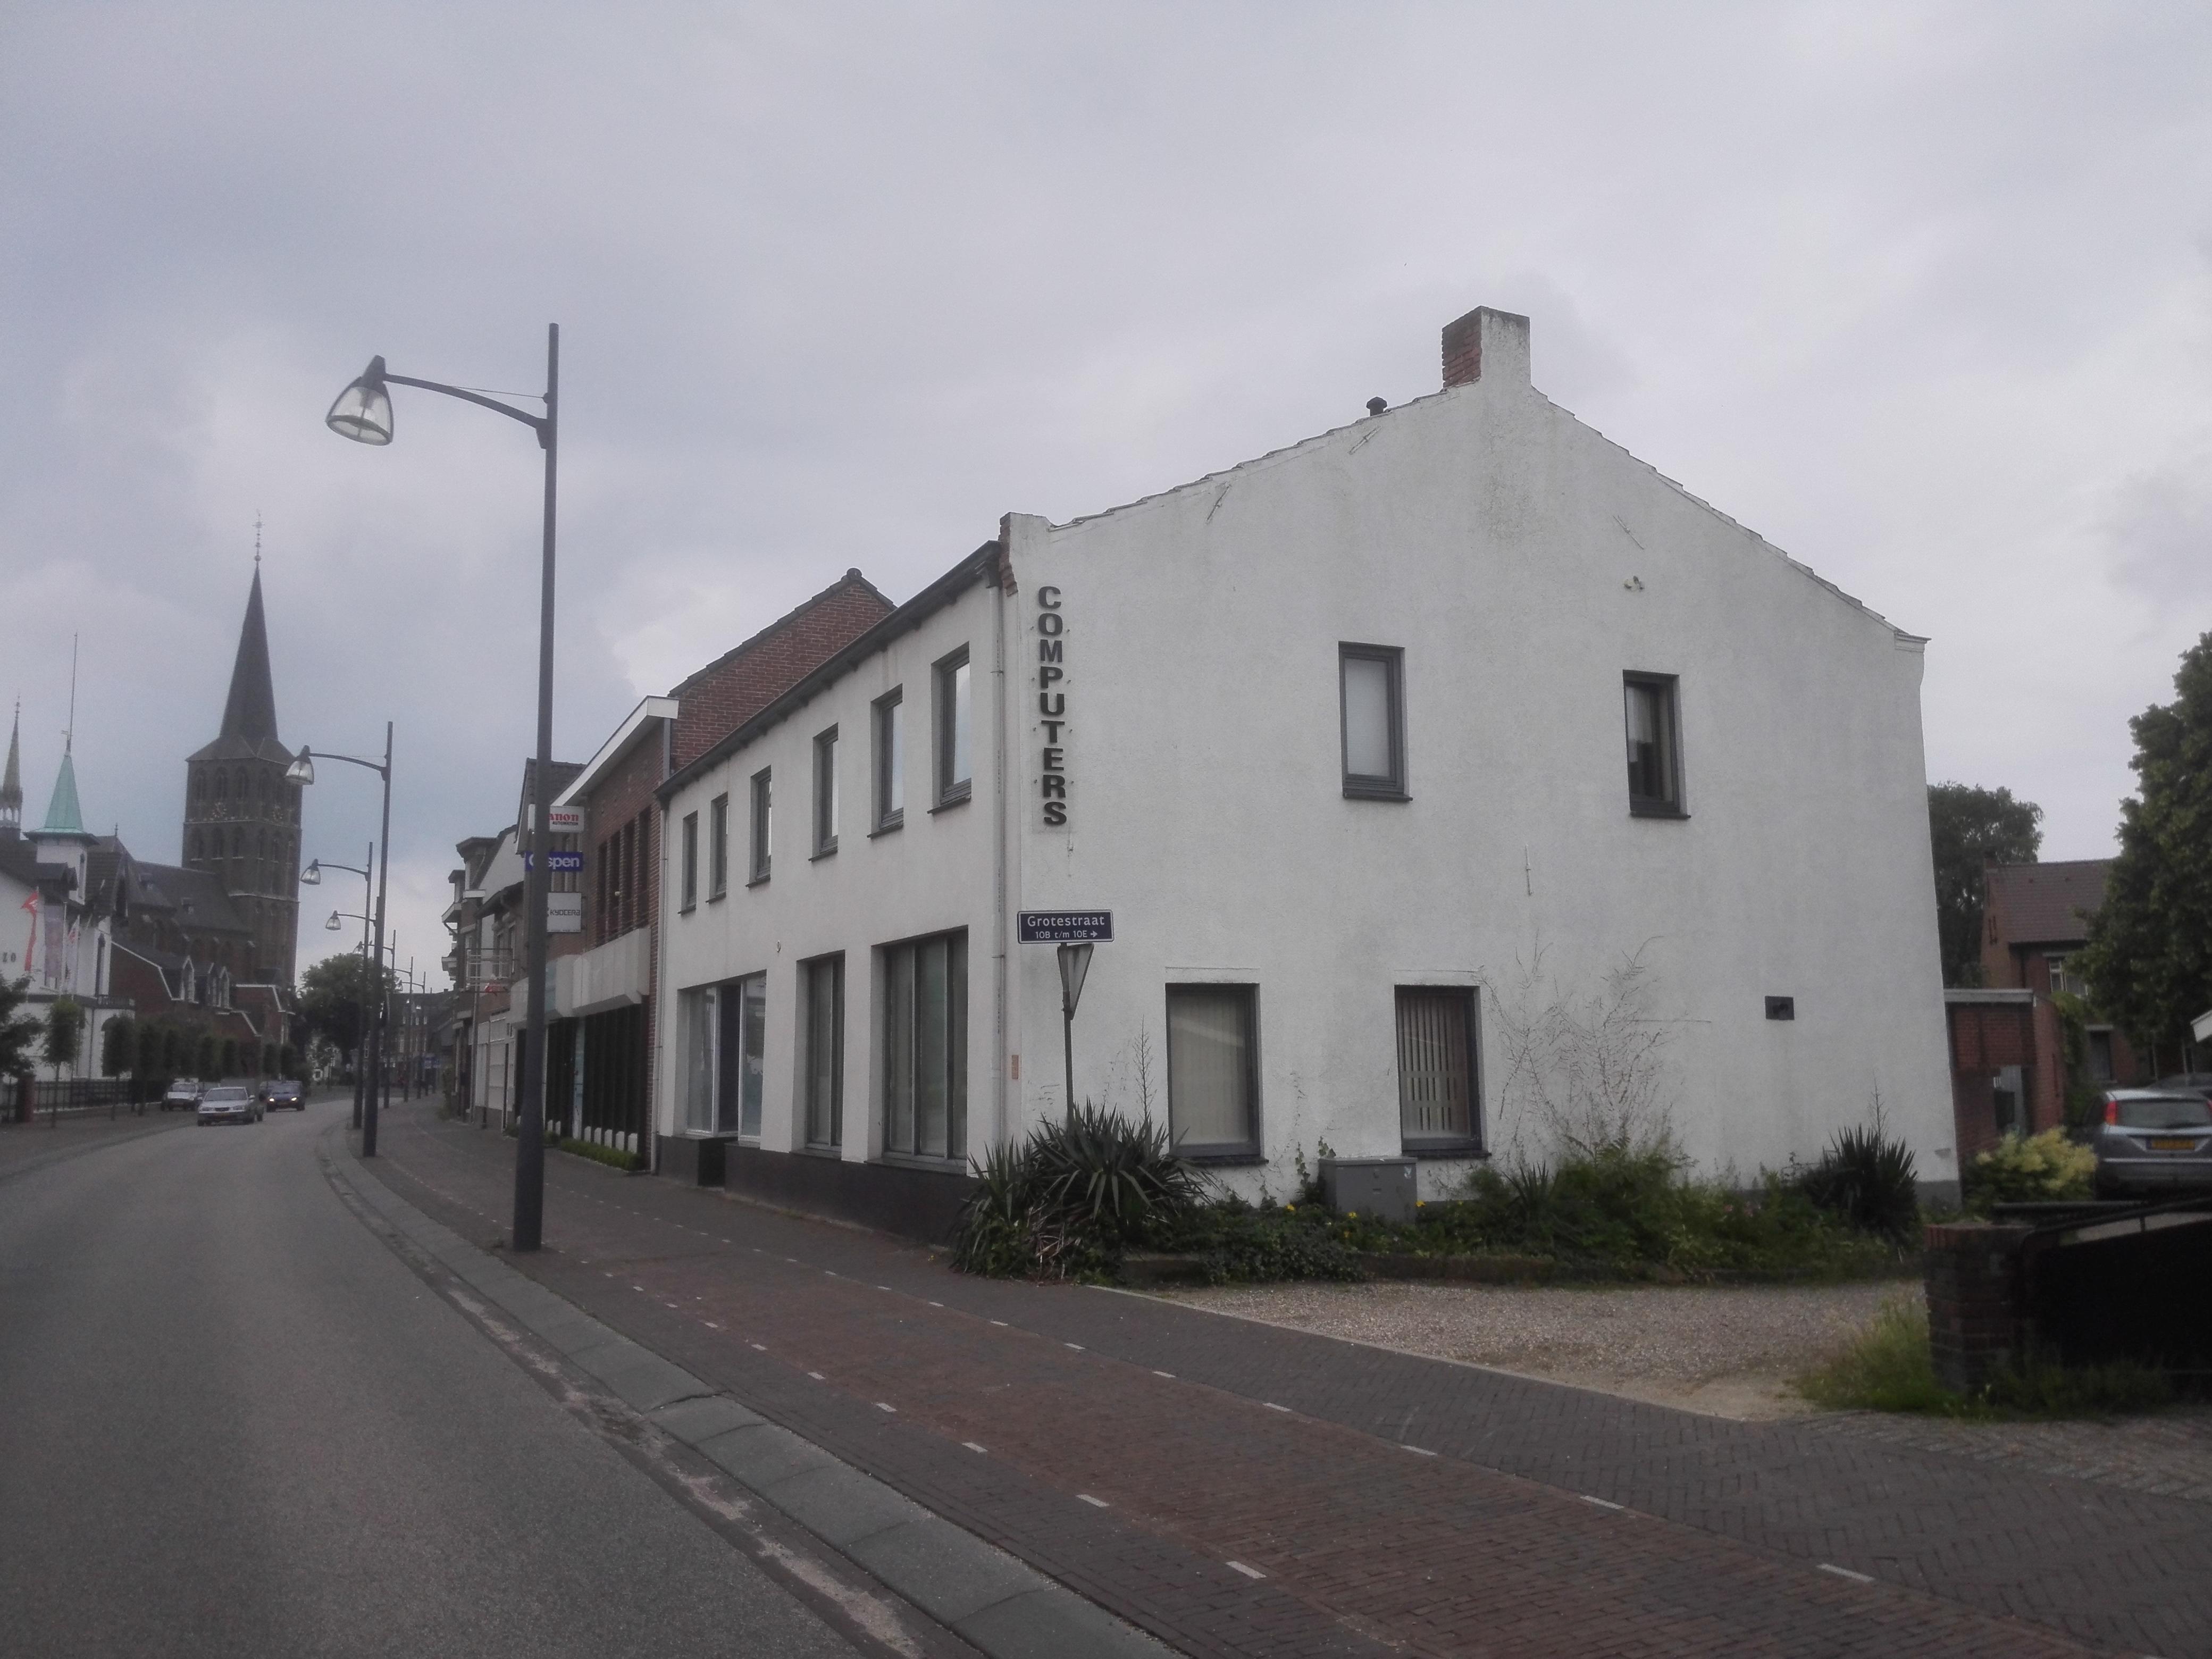 Grotestraat